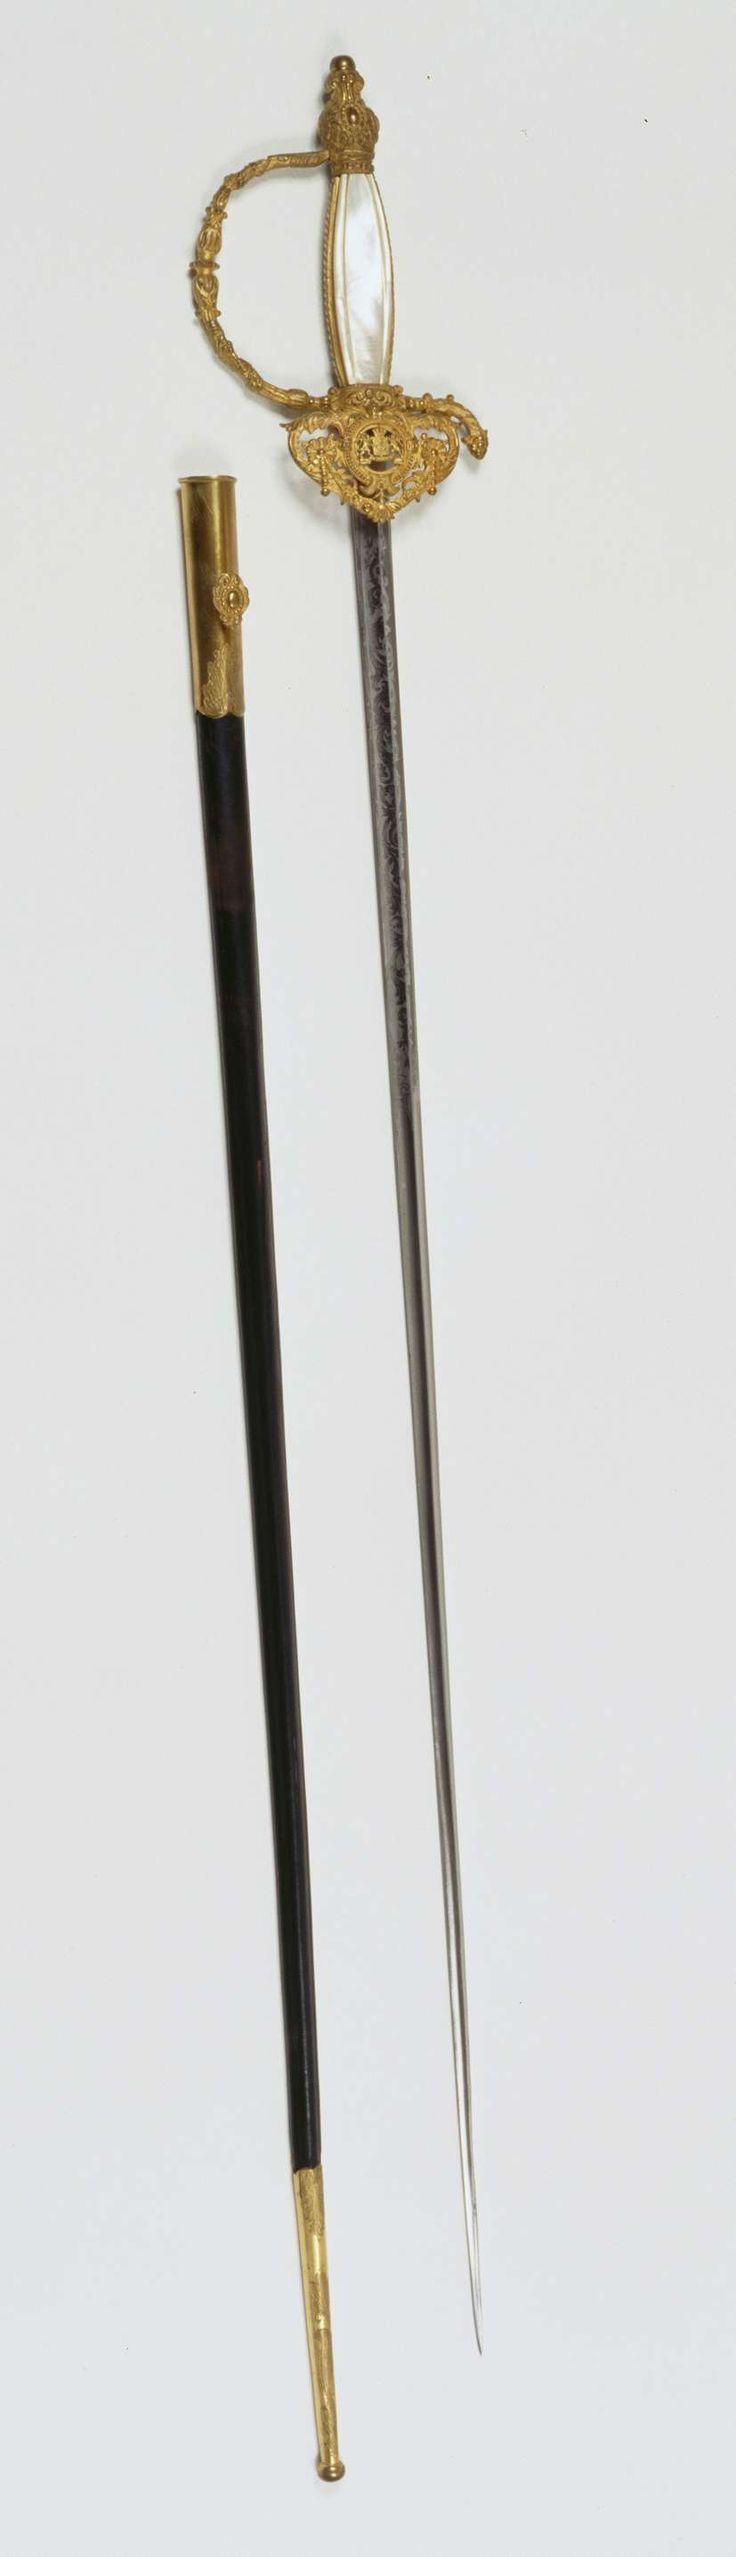 Fa. Frans Pauwels | Degen in schede en foedraal behorende bij het ambtskostuum van Dr. A.H.J. Lovink, Fa. Frans Pauwels | Degen met vuurverguld koperen gevest, opengewerkte stootplaat met o.a. guirlande en het Rijkswapen, driezijdige ijzeren geëtste kling met aan elke zijde een geul met guirlande-decoratie. Gesigneerd aan de achterzijde 'Frans Pauwels, hofleverancier te 's Gravenhage'. Aan voorbeugel: dragon of sabelkwast van gevlochten gouddraad waaraan kwast met vuurvergulde ijzeren peer…